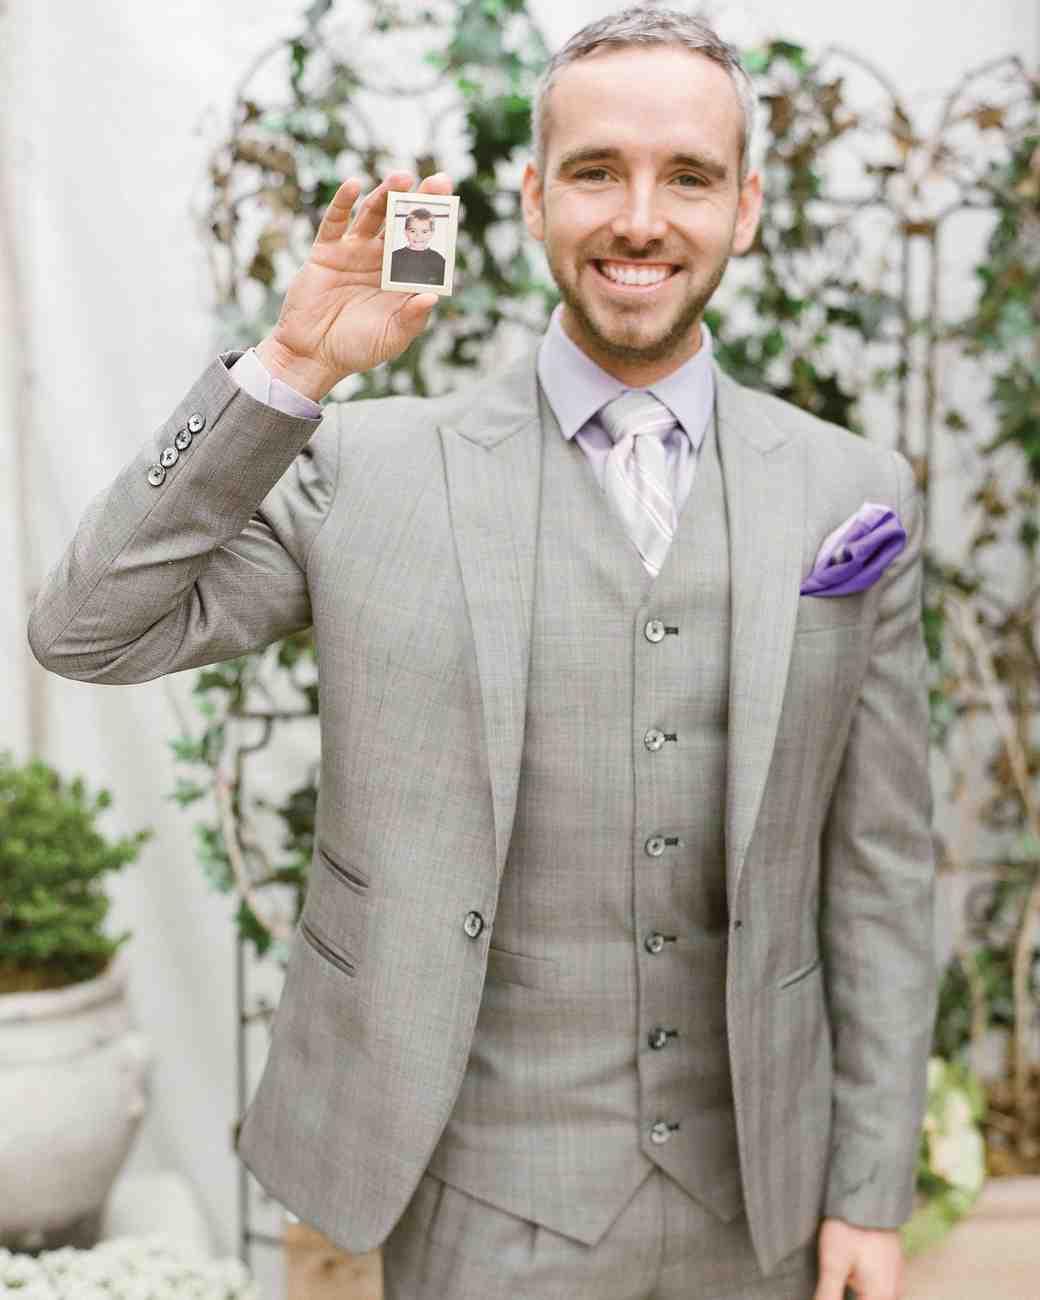 randy-mayo-real-wedding-unique-school-photo-escort-cards.jpg